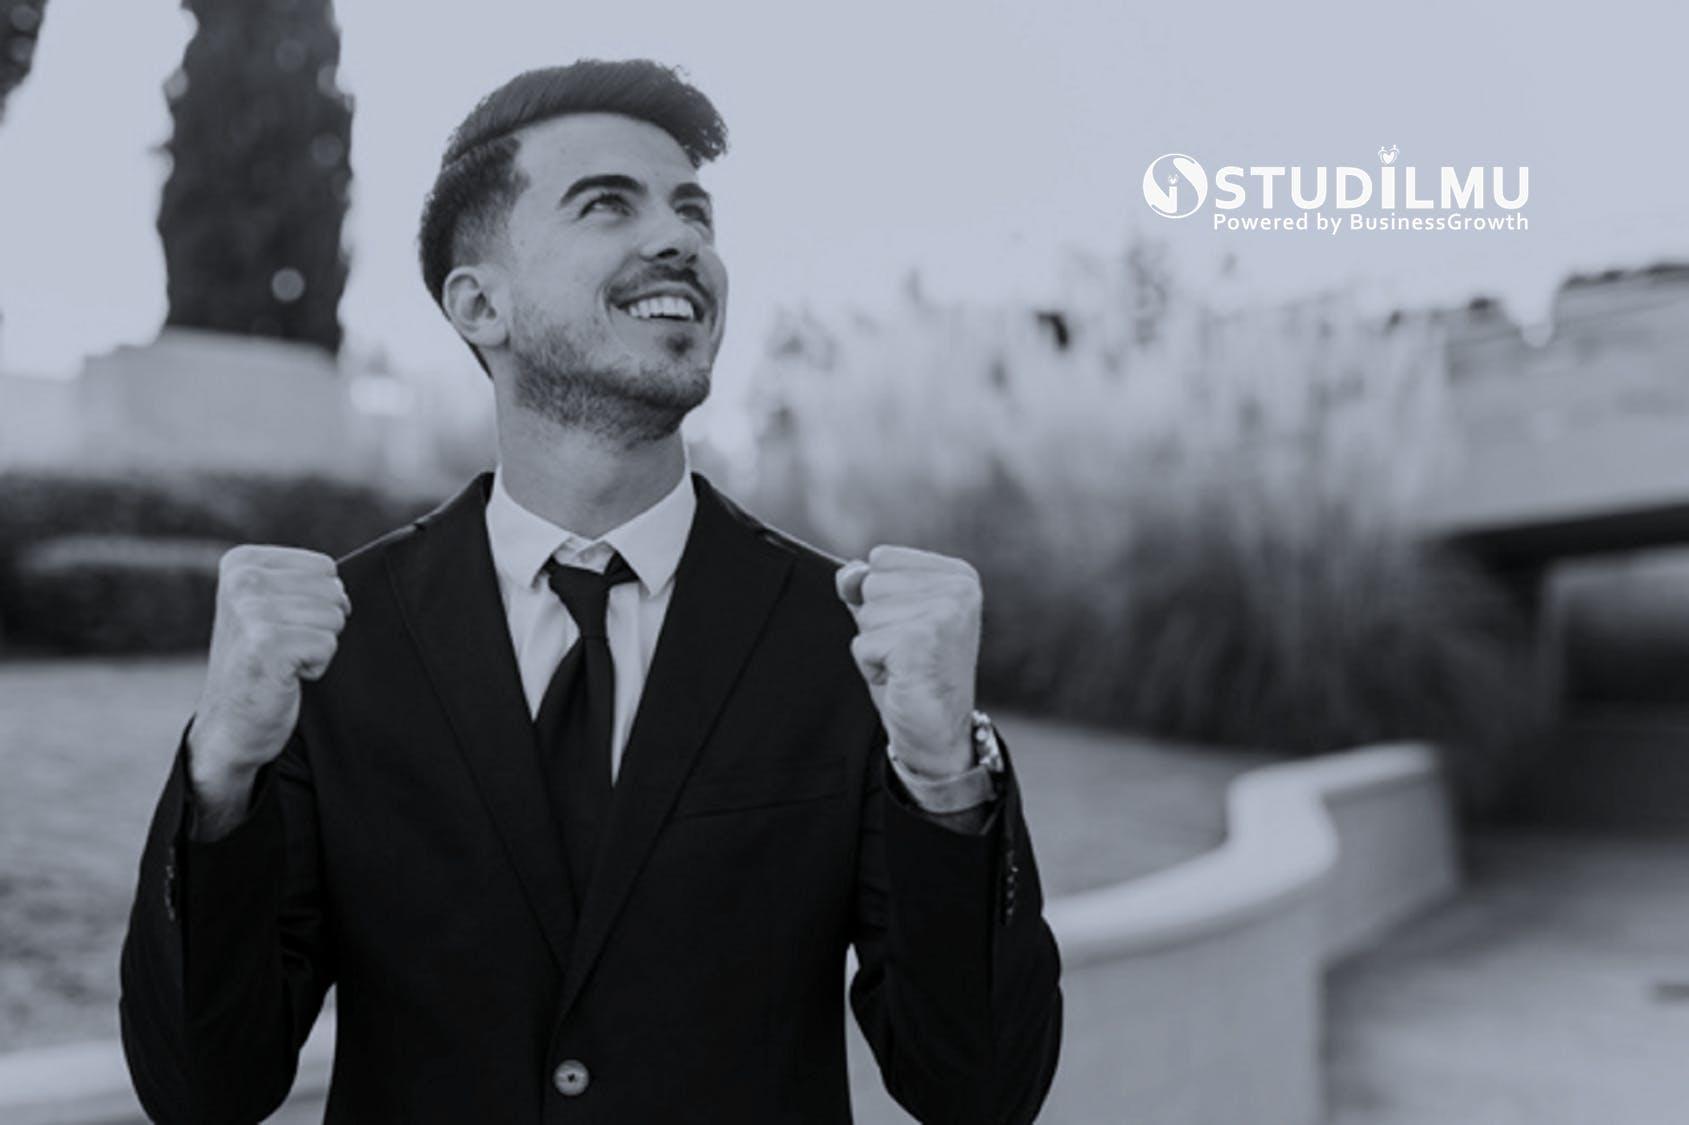 STUDILMU Career Advice - 10 Ciri Orang Sukses